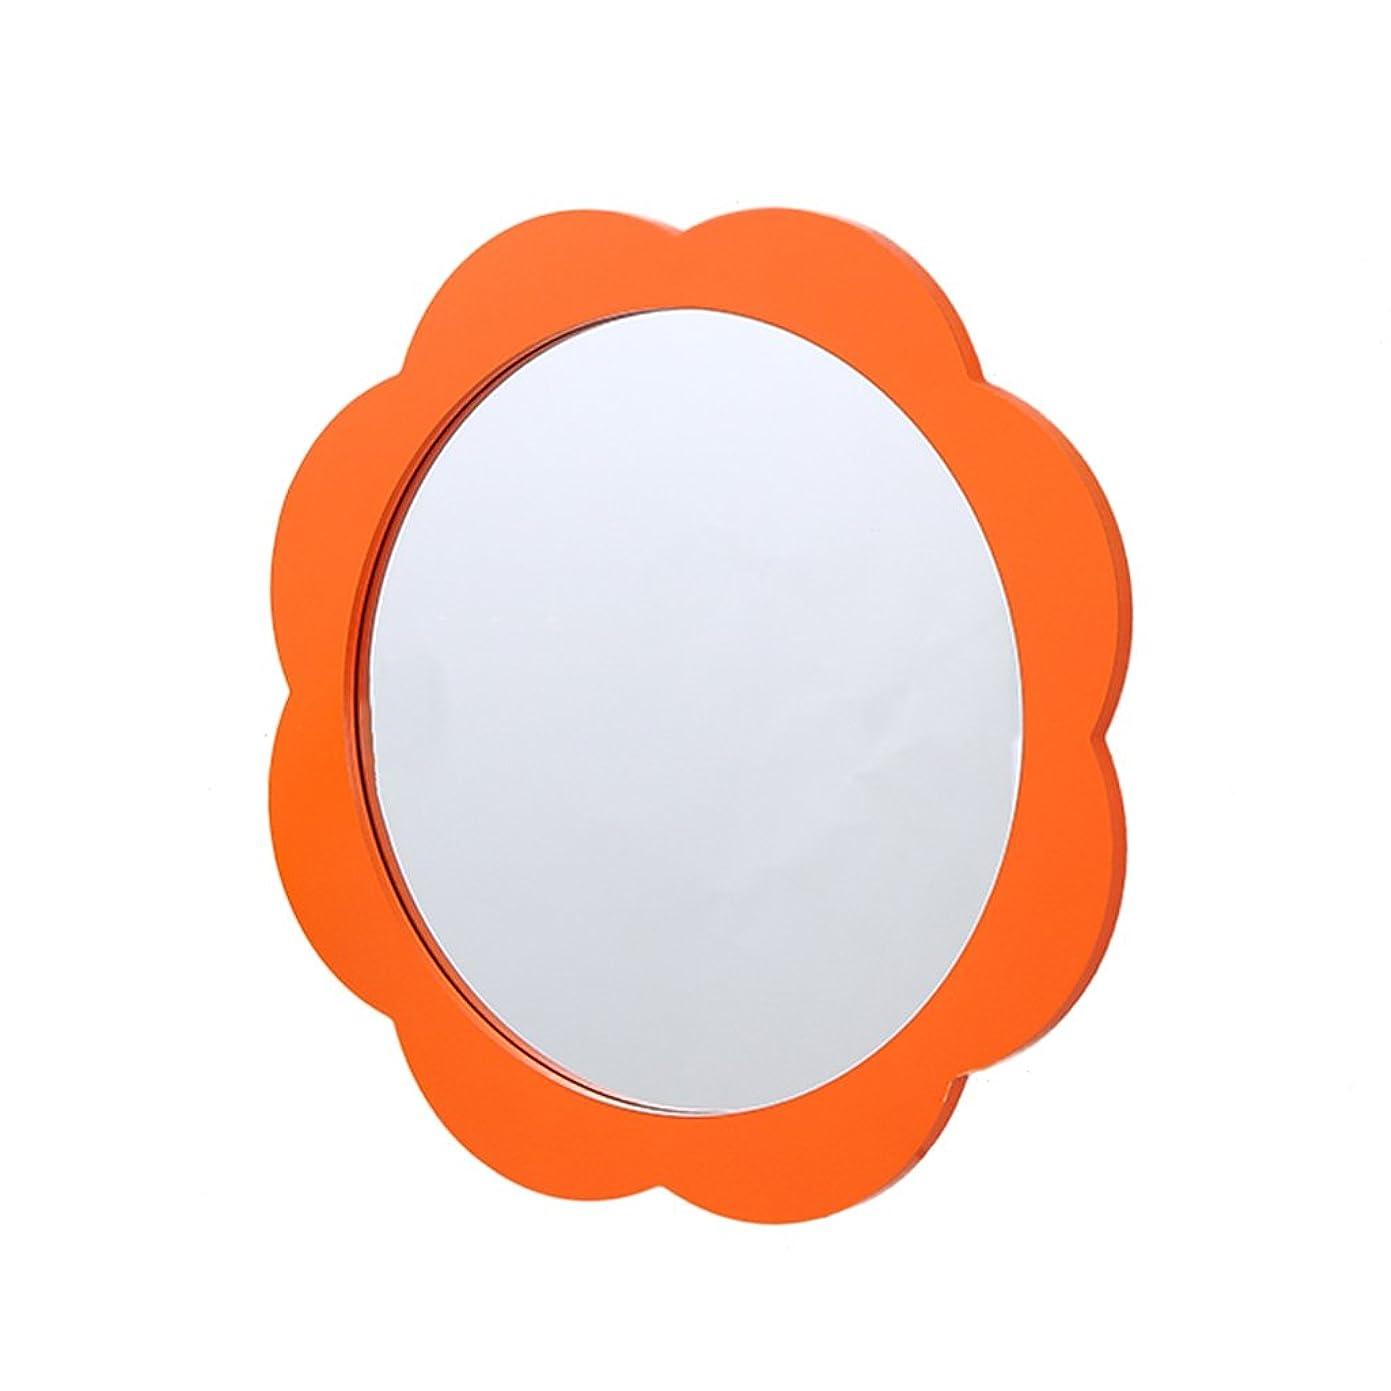 外科医ダーリンファイアルJTWJ 幼稚園の壁の鏡、壁の鏡、子供の鏡、サイズ:39×39CM (色 : オレンジ)